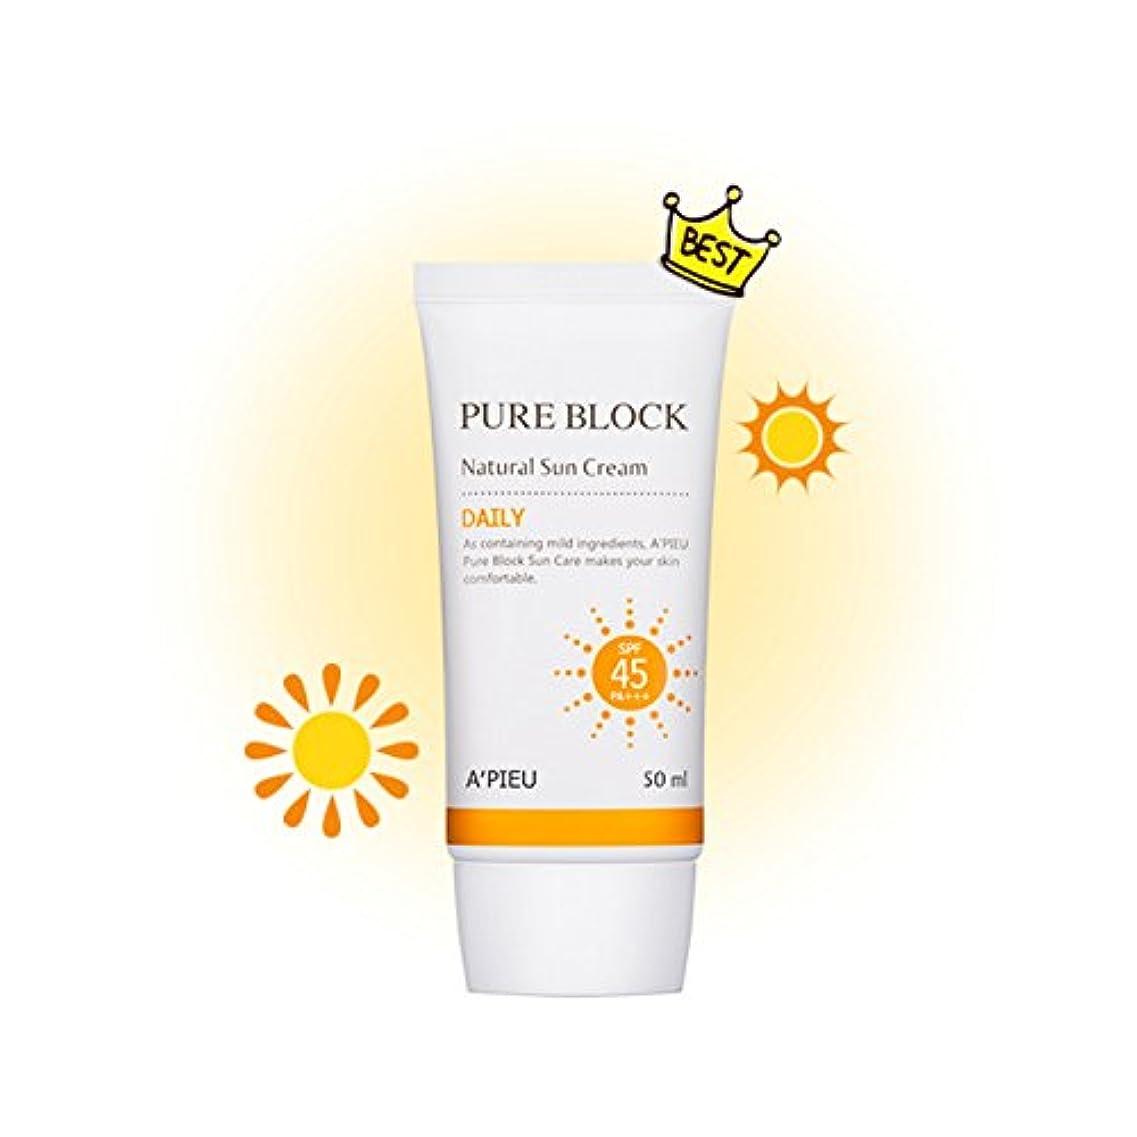 検索文芸保証する[オピュ] A'PIEU ピュアブロックナチュラルデイリー日焼け止め Pure Block Natural Daily Sun Cream SPF 45 PA+++ [並行輸入品]